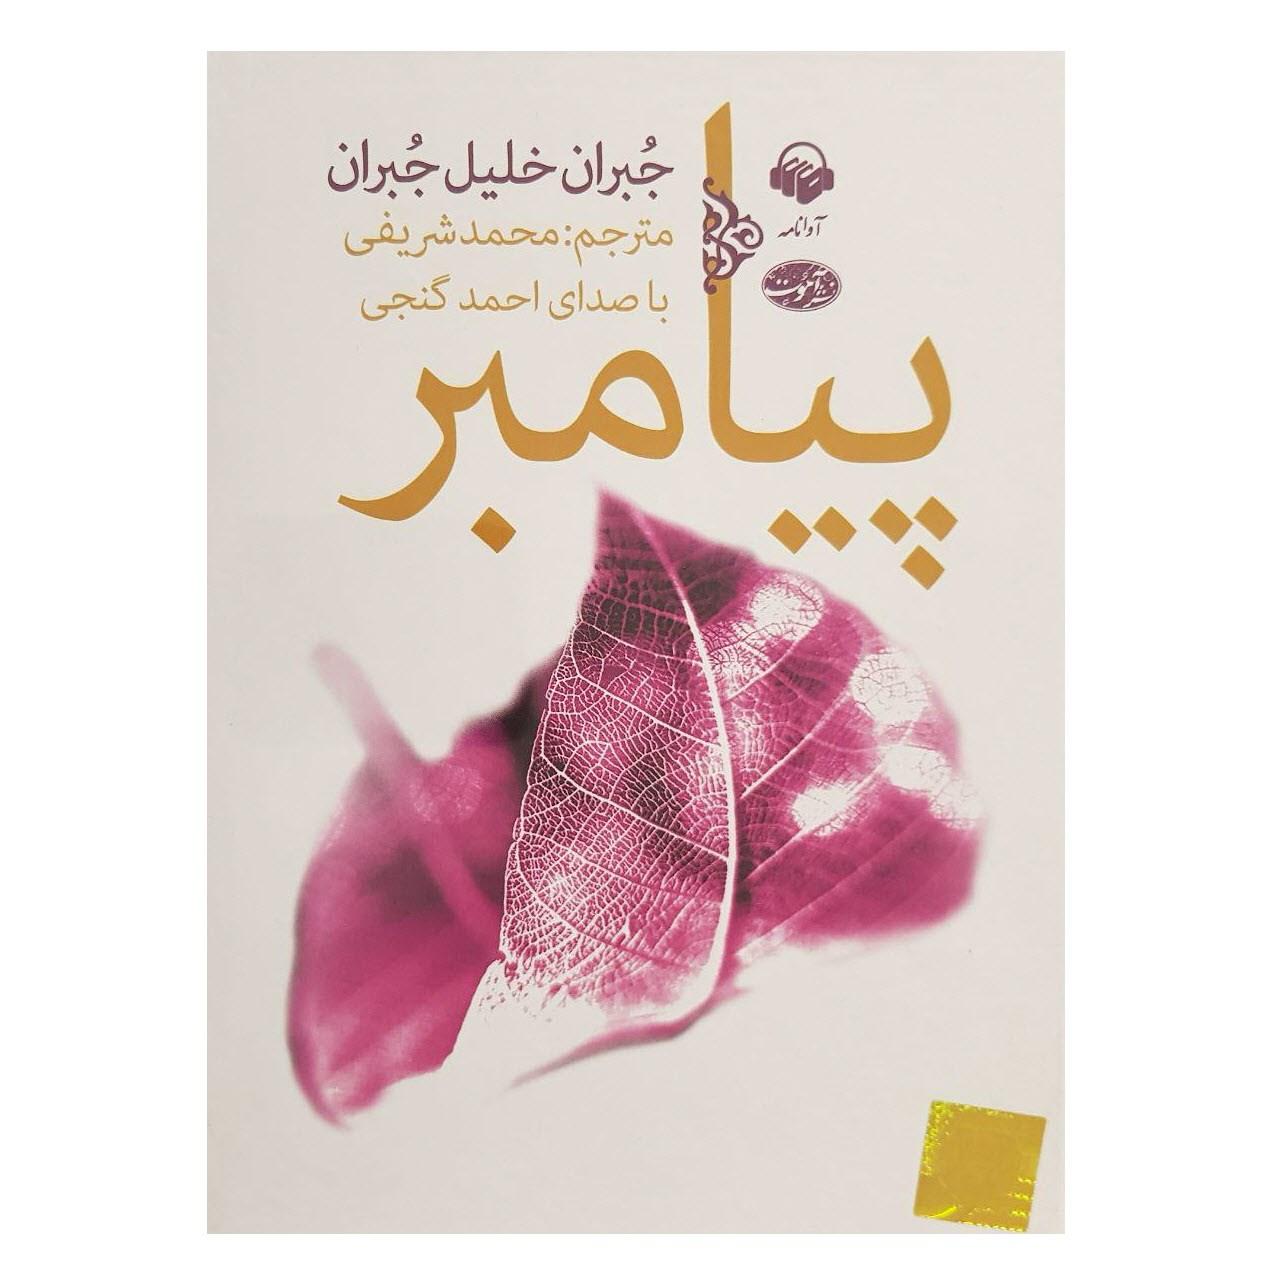 کتاب صوتی پیامبر اثر جبران خلیل جبران